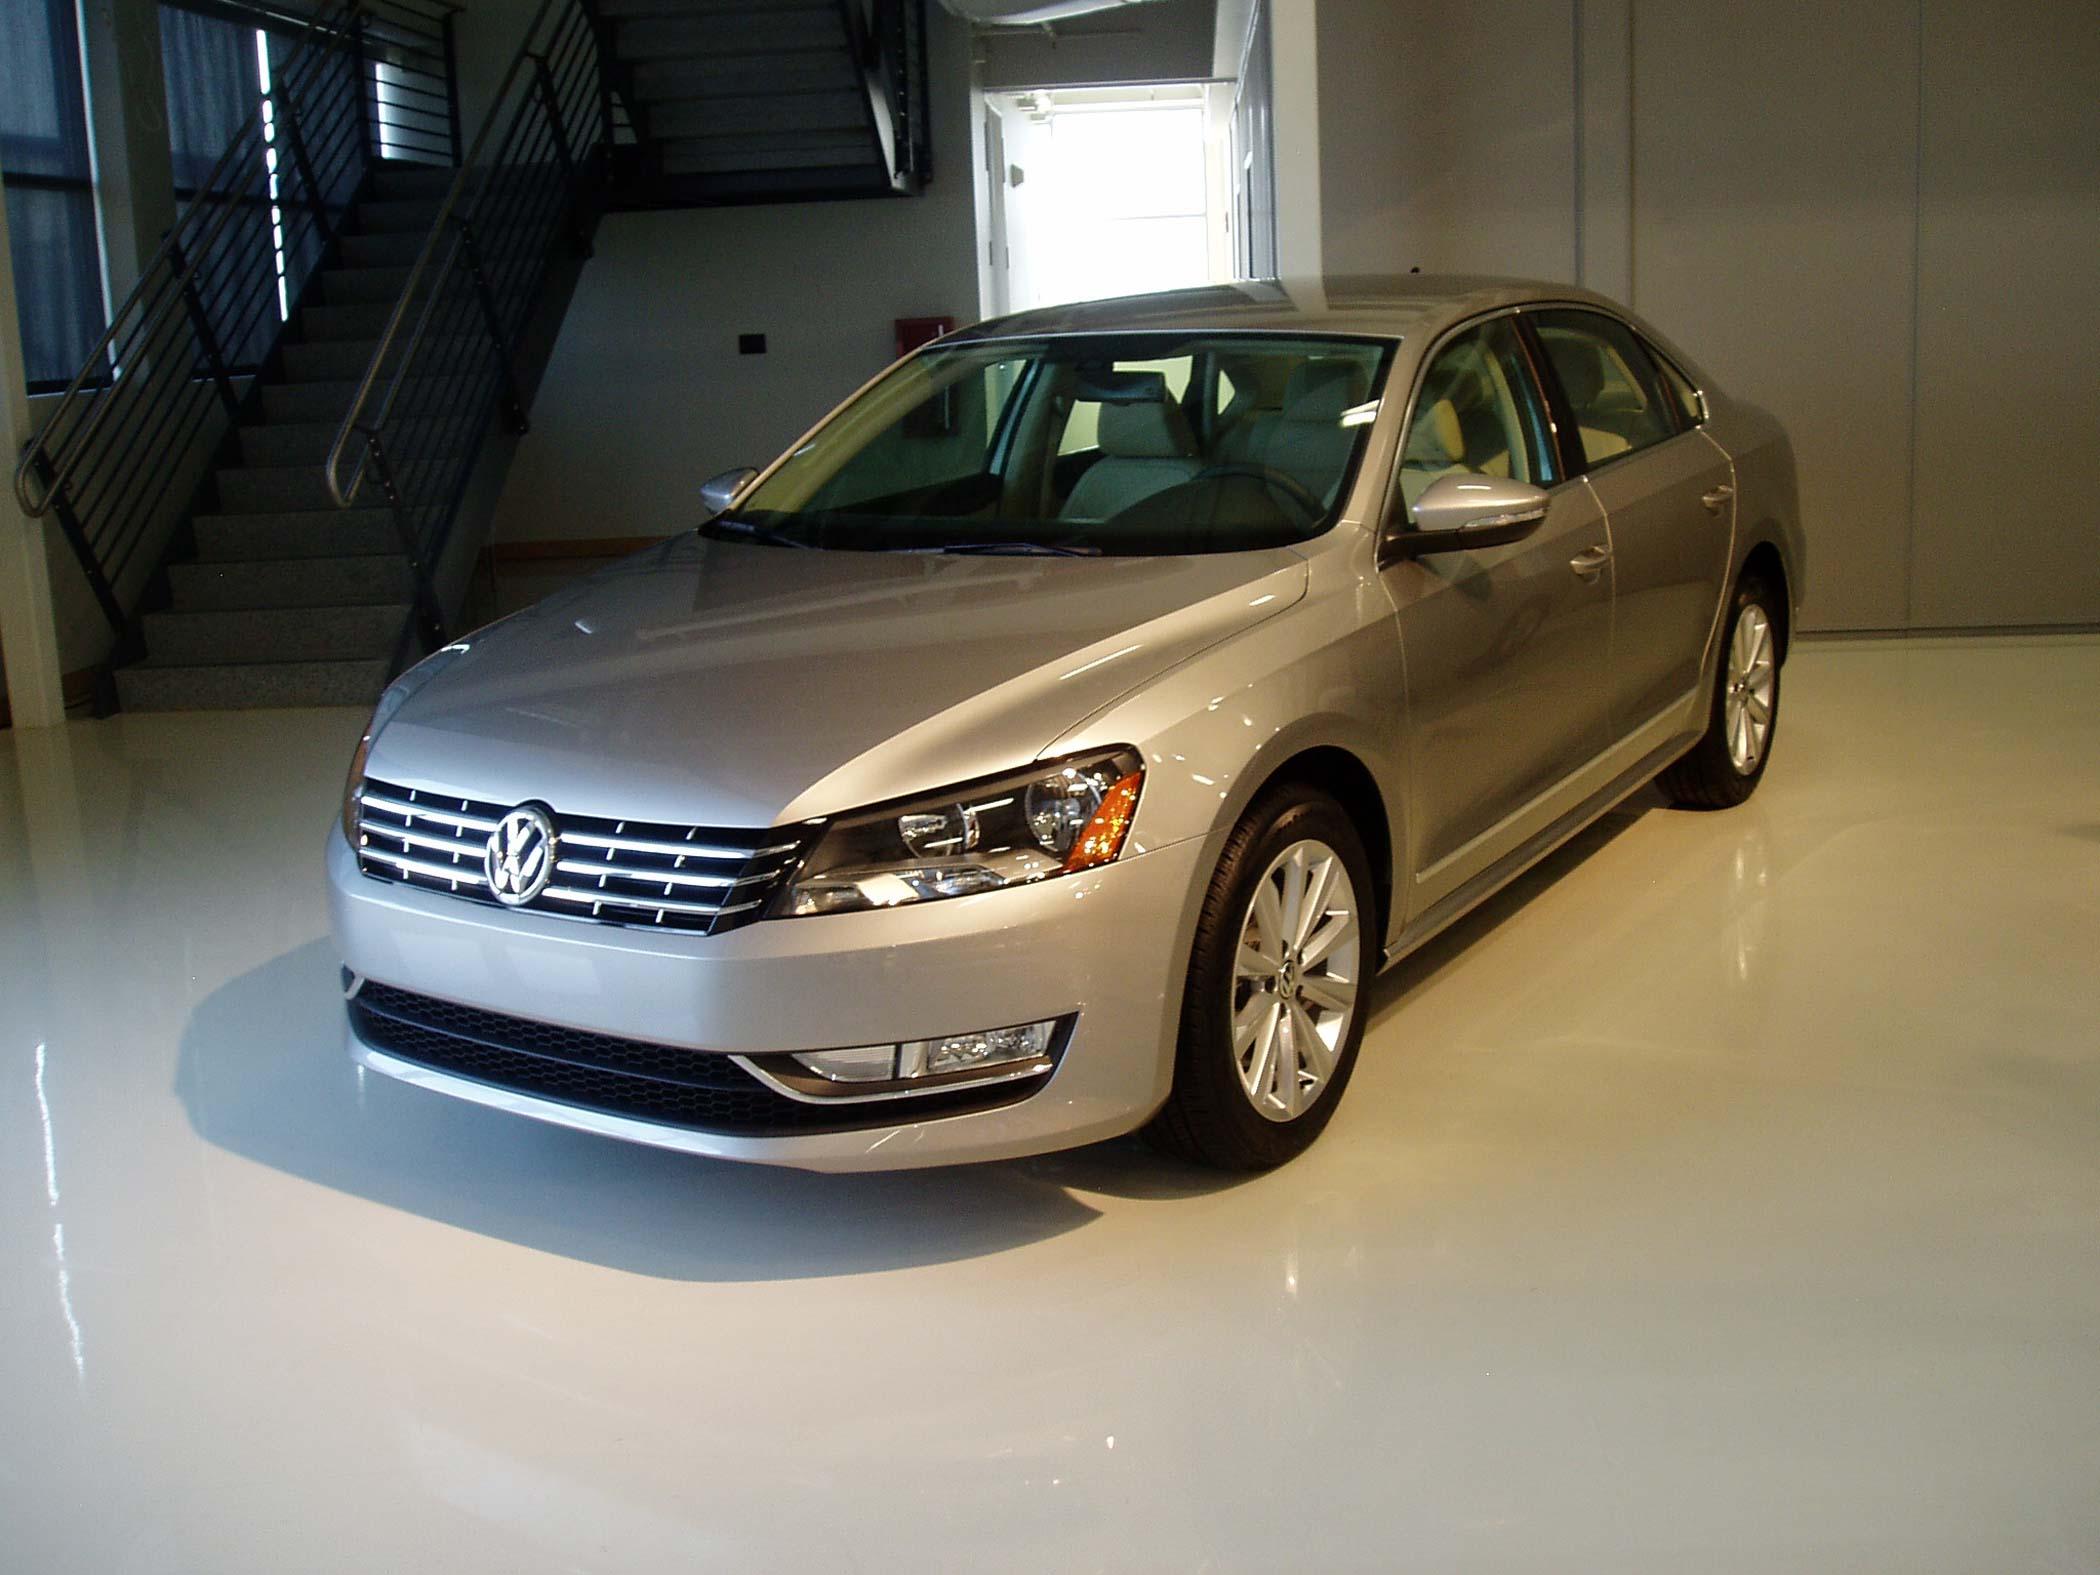 سيارة باسات سيدان الداخل والخارج2012 Volkswagen Passat Sedan